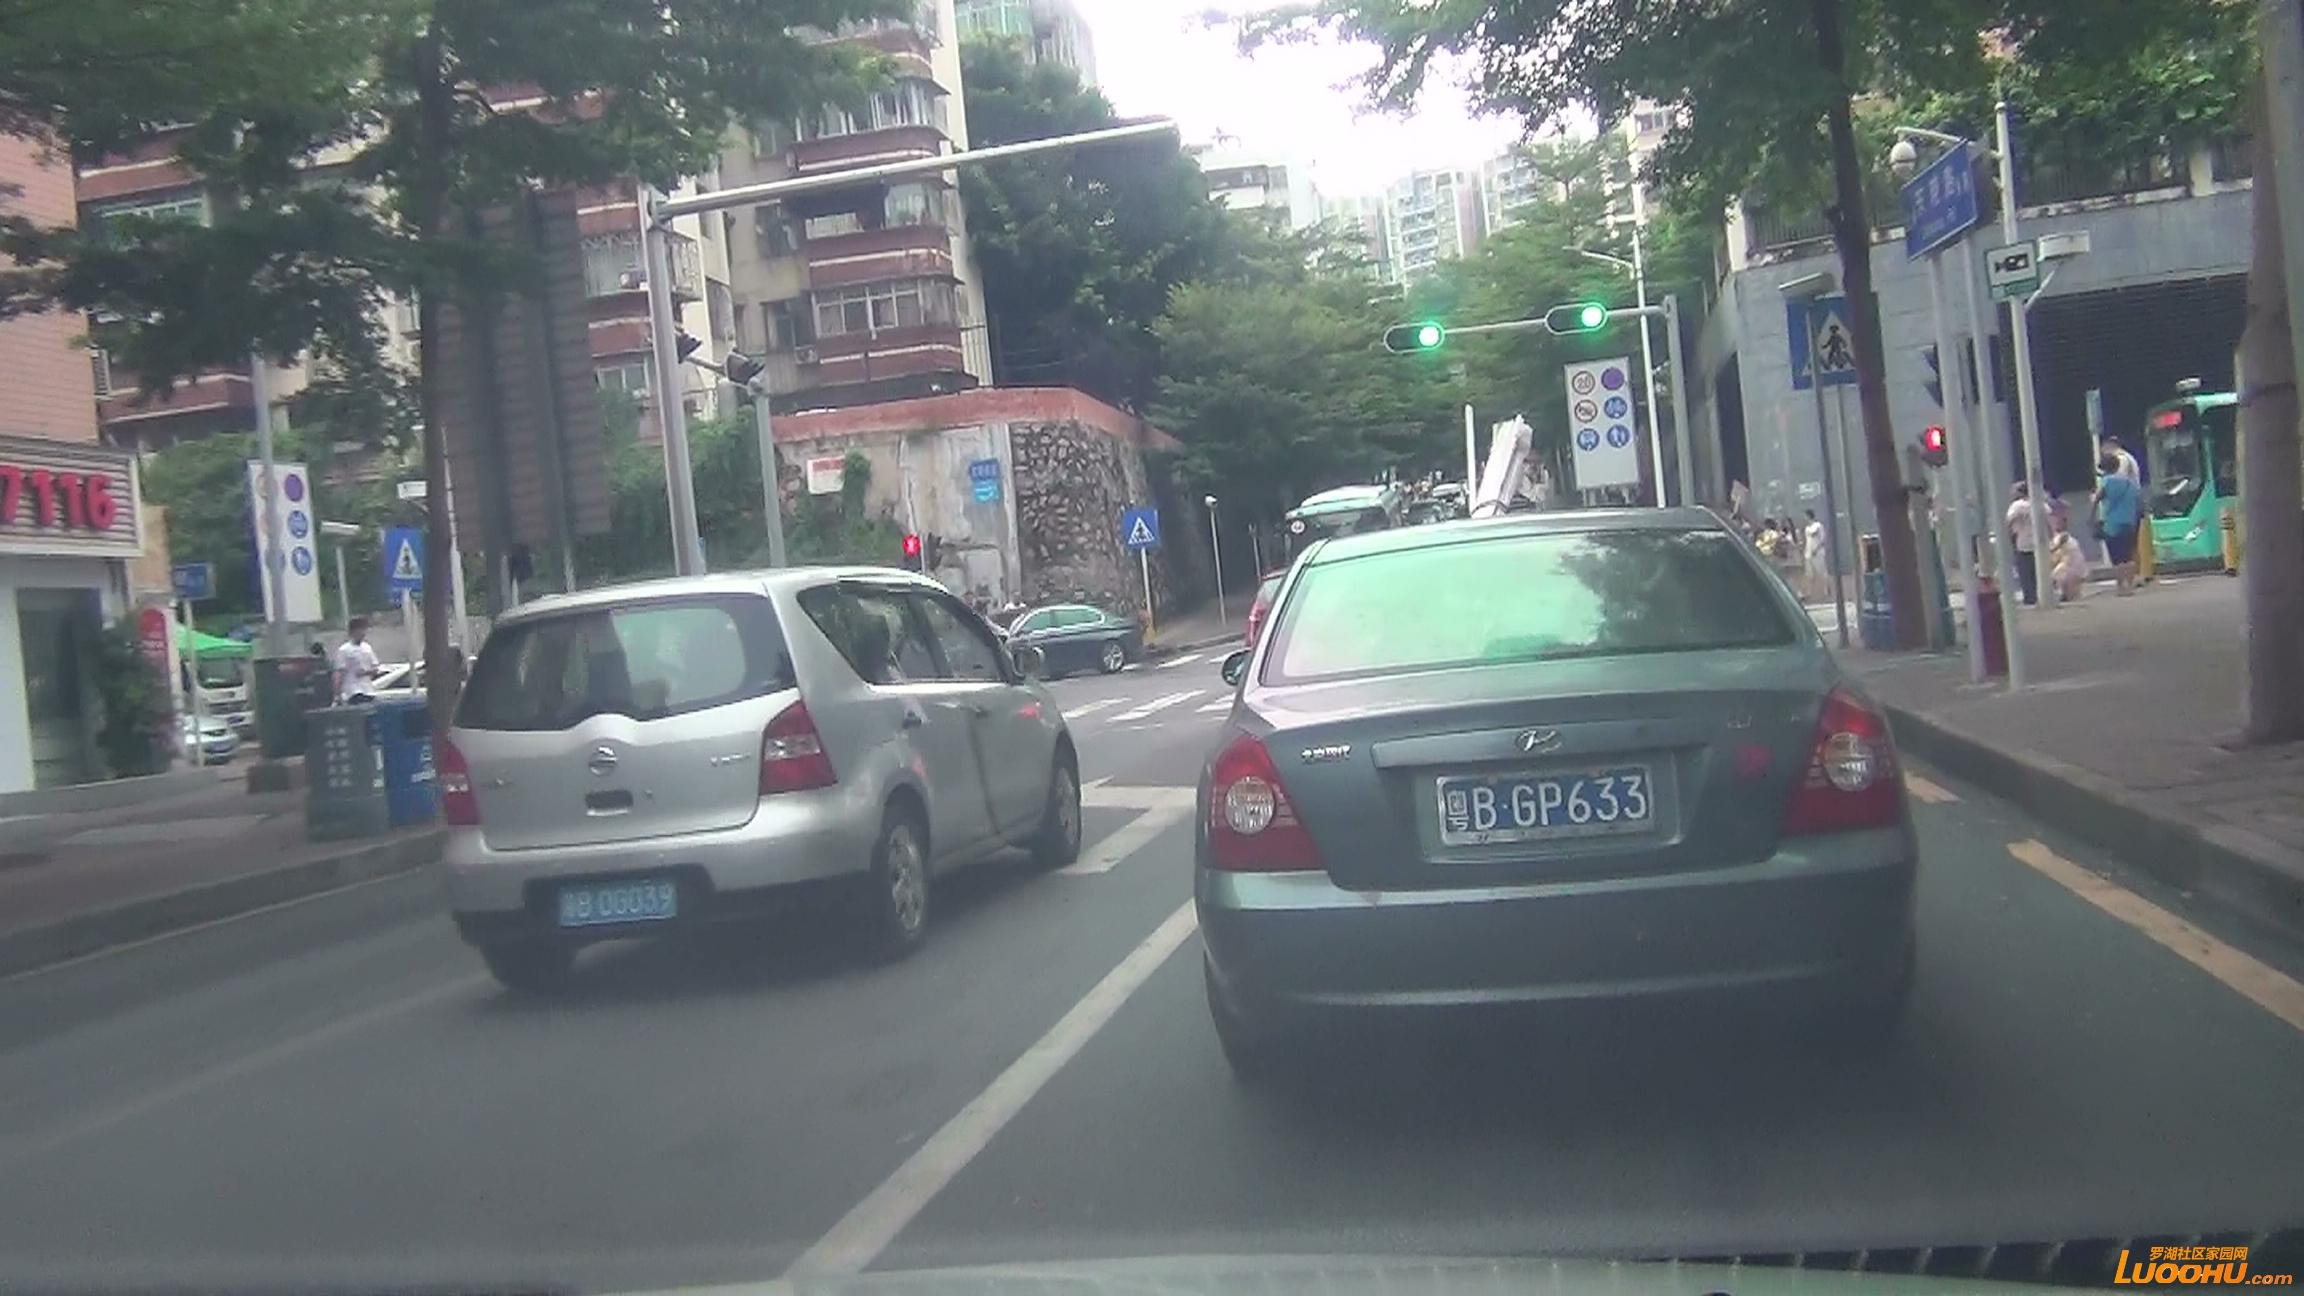 东晓路南往北红色及灰色轿车进入左转道后突然右转后直行造成后车急刹 (5).jpg.jpg